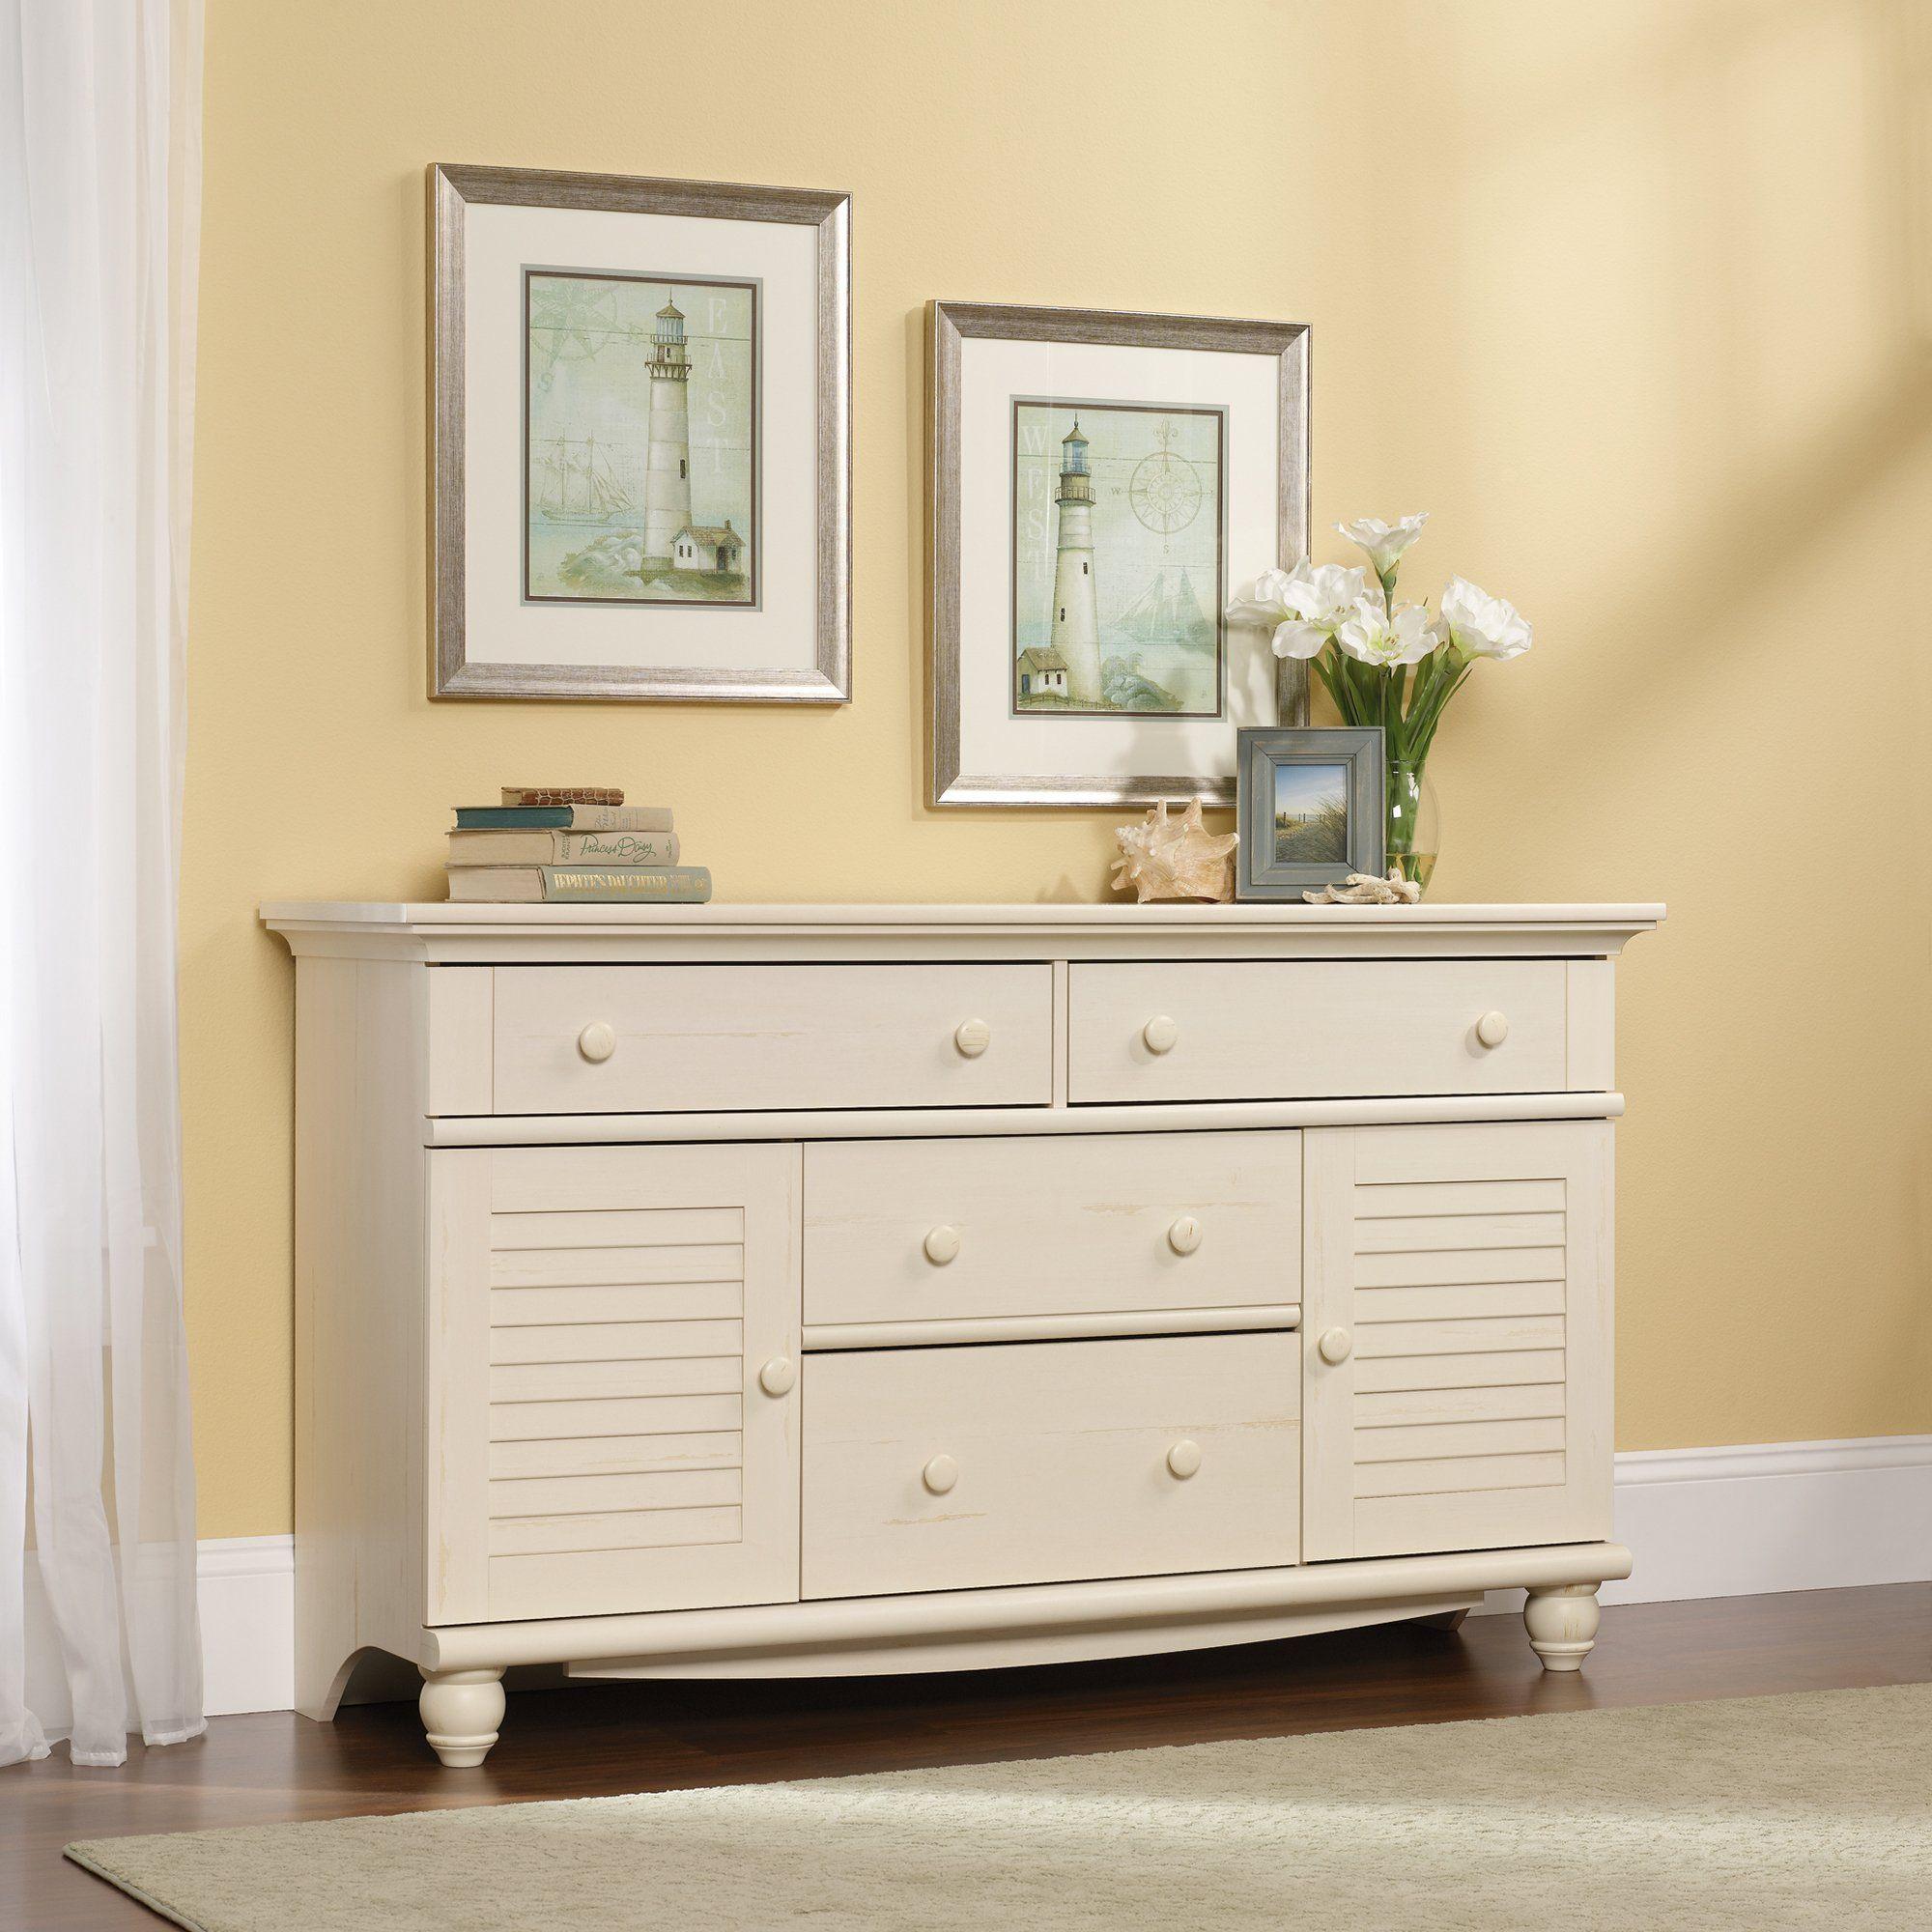 Best Sauder 158016 Harbor View Antiqued White Dresser In 2019 400 x 300